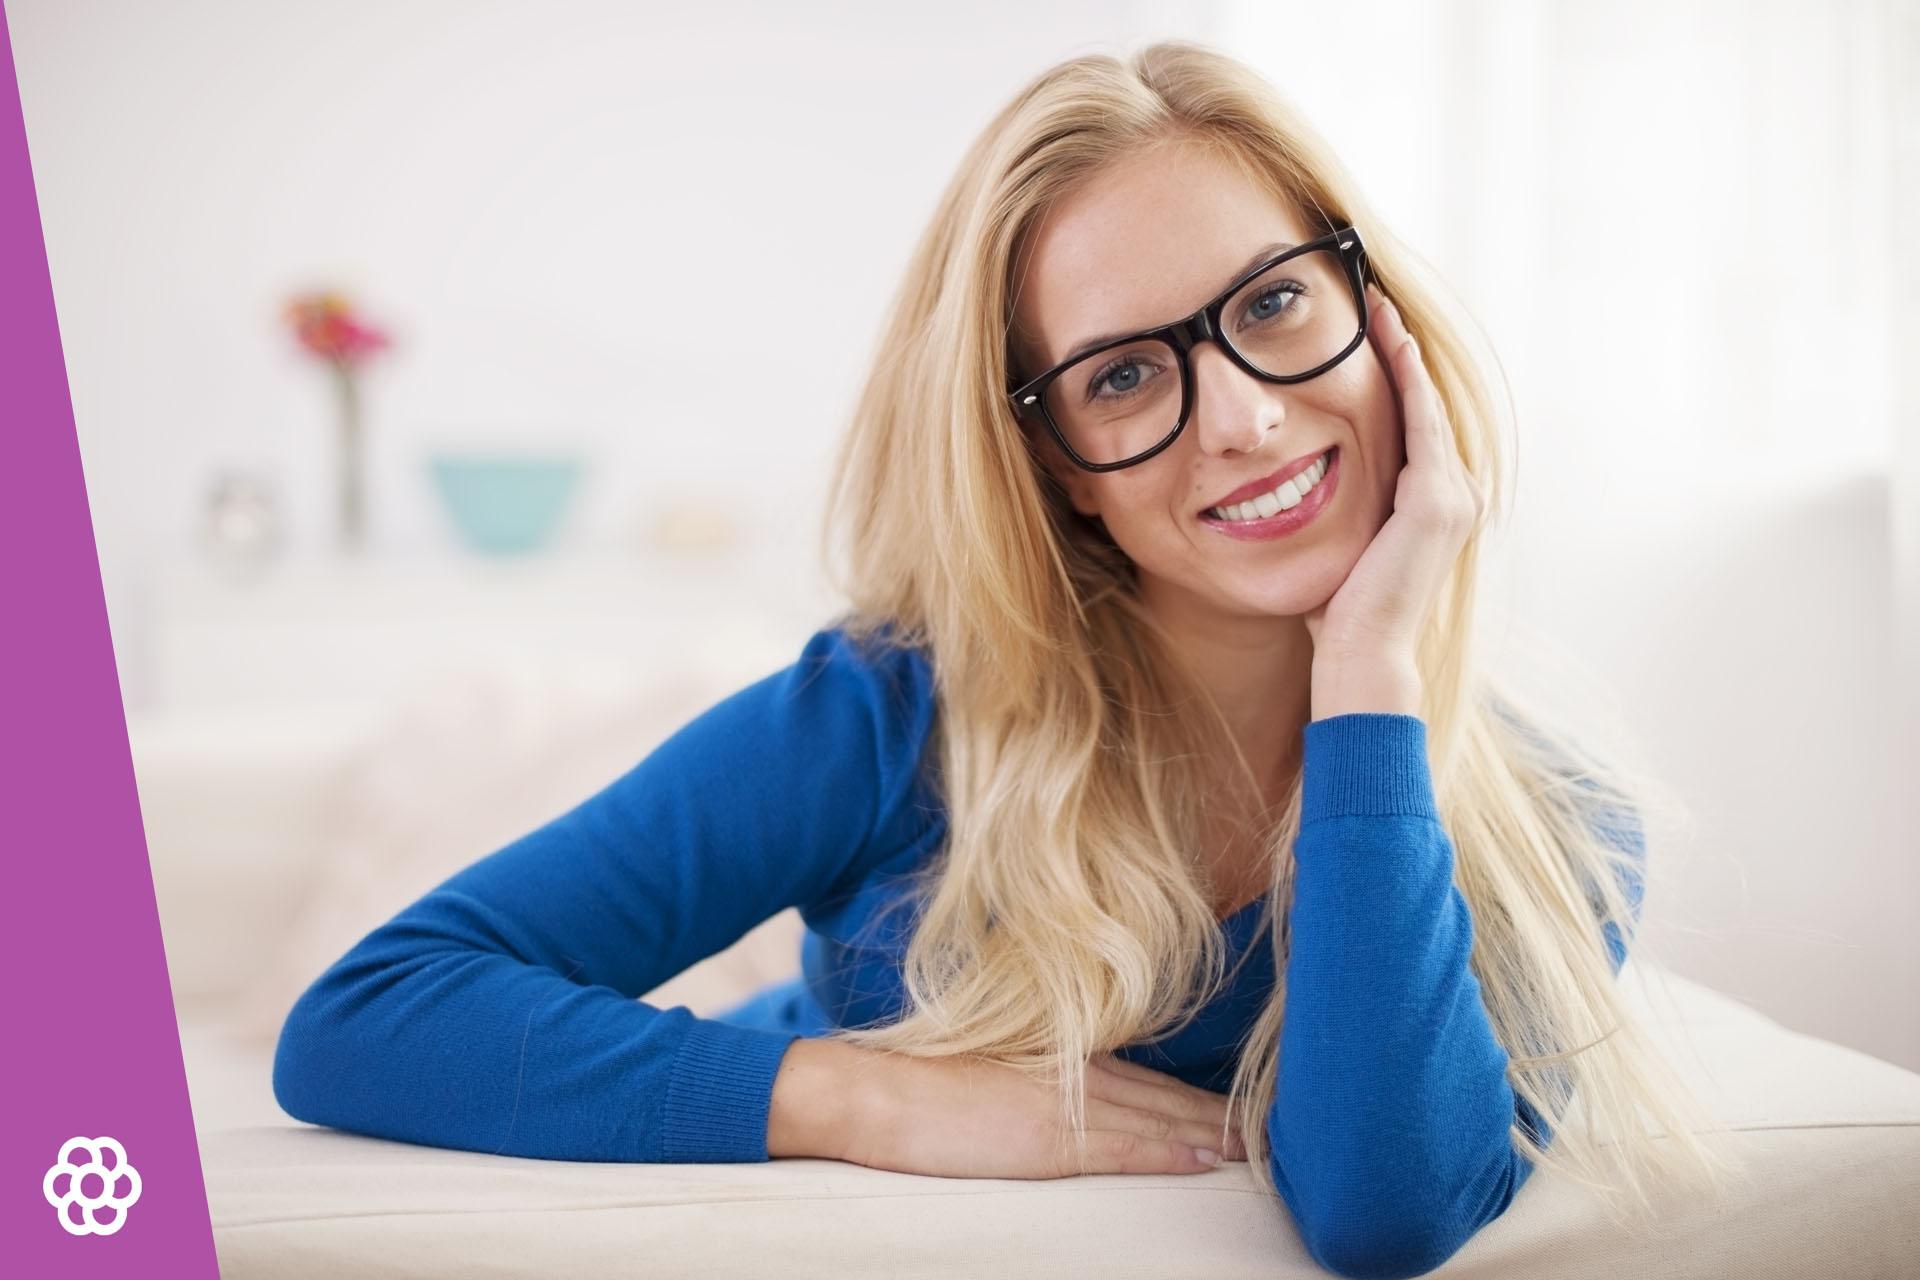 Jakie oprawki okularów pasują do blondynek?